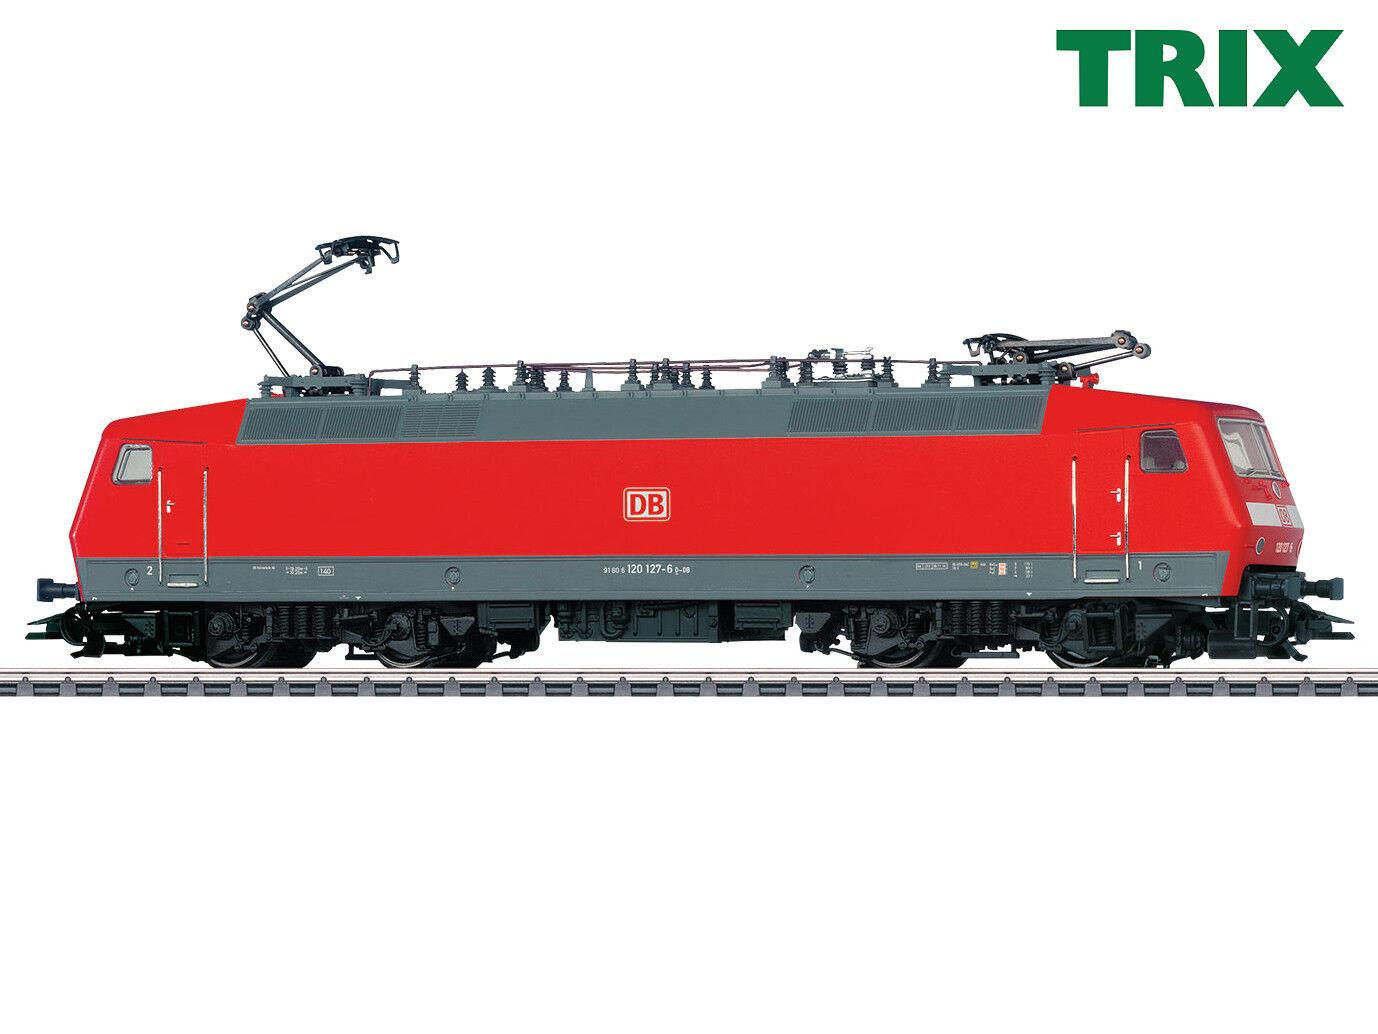 prima i clienti Trix 22687 h0 h0 h0 E-Lok BR 120.1 delle DB AG  DIGITAL + suono  + + NUOVO & OVP + +  alta qualità e spedizione veloce